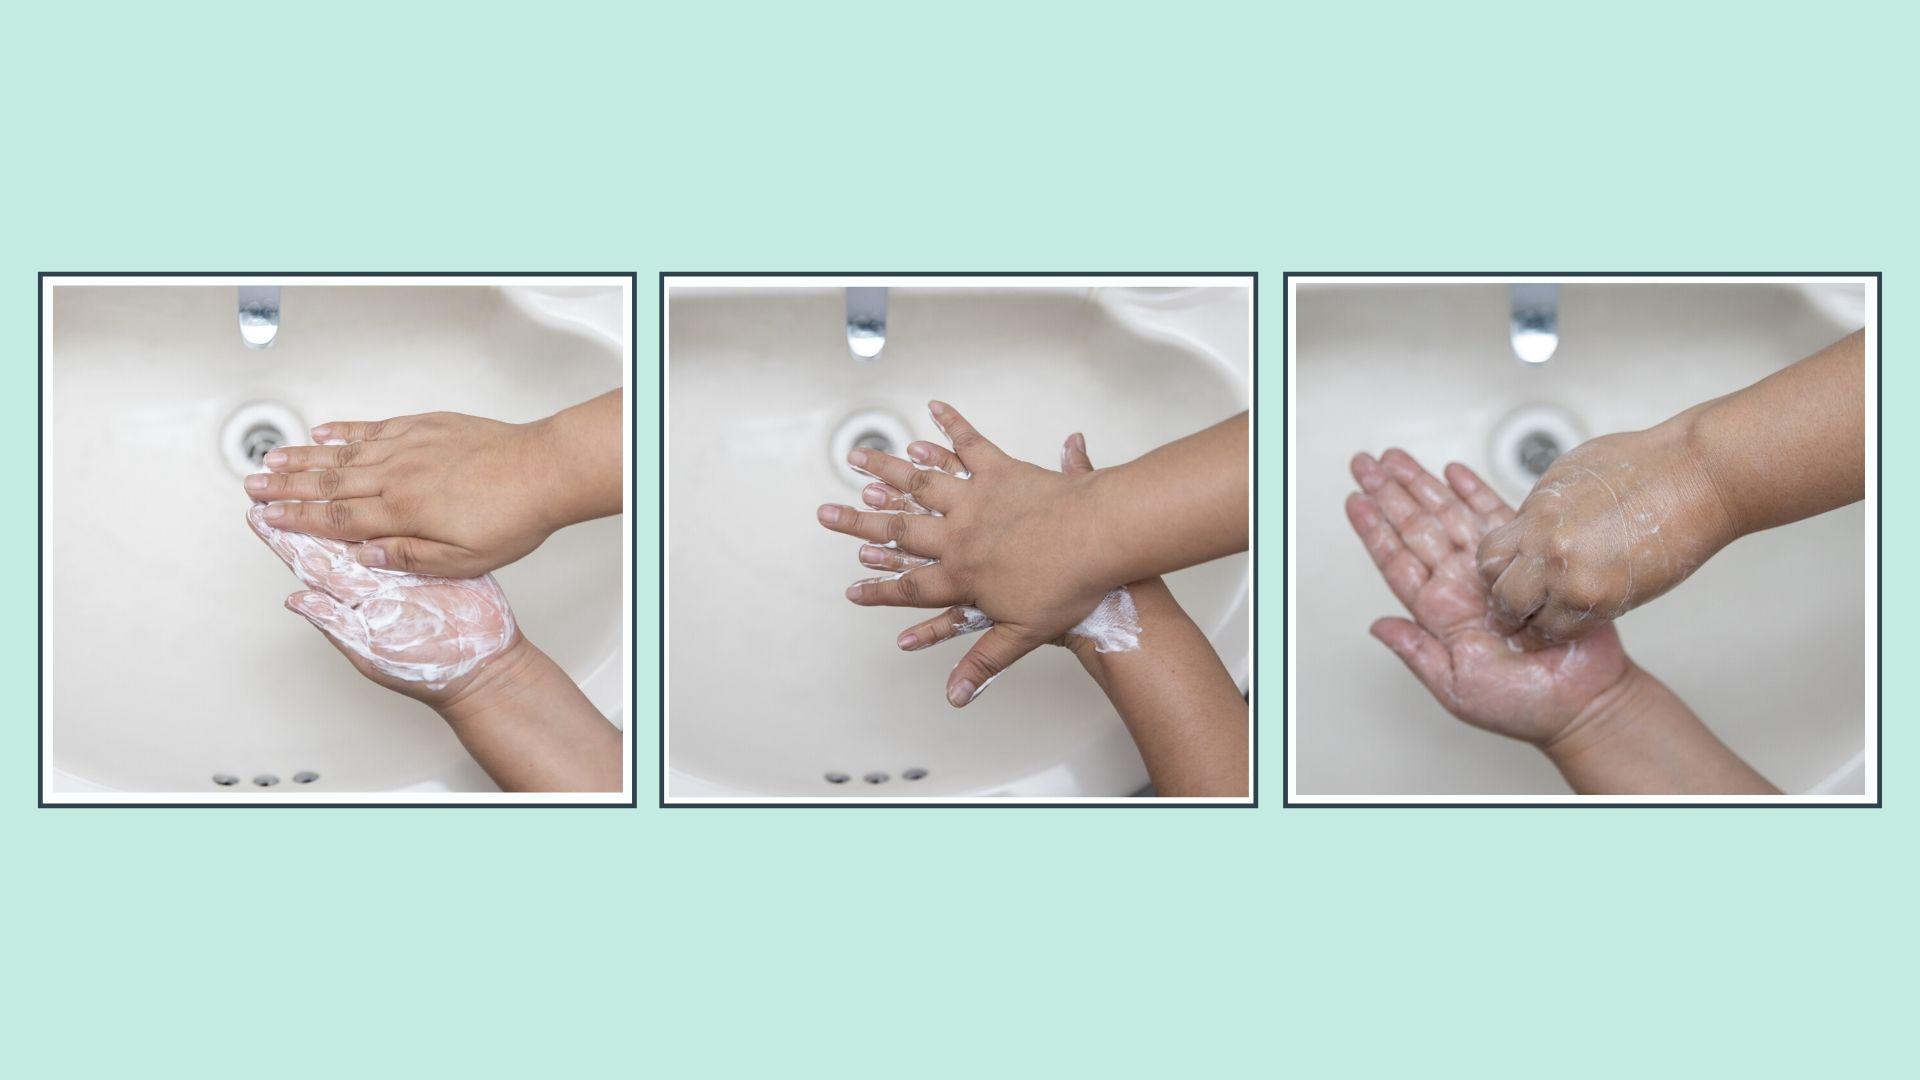 Atend Contigo: Mejor Control de Infecciones para la Seguridad de Todos.